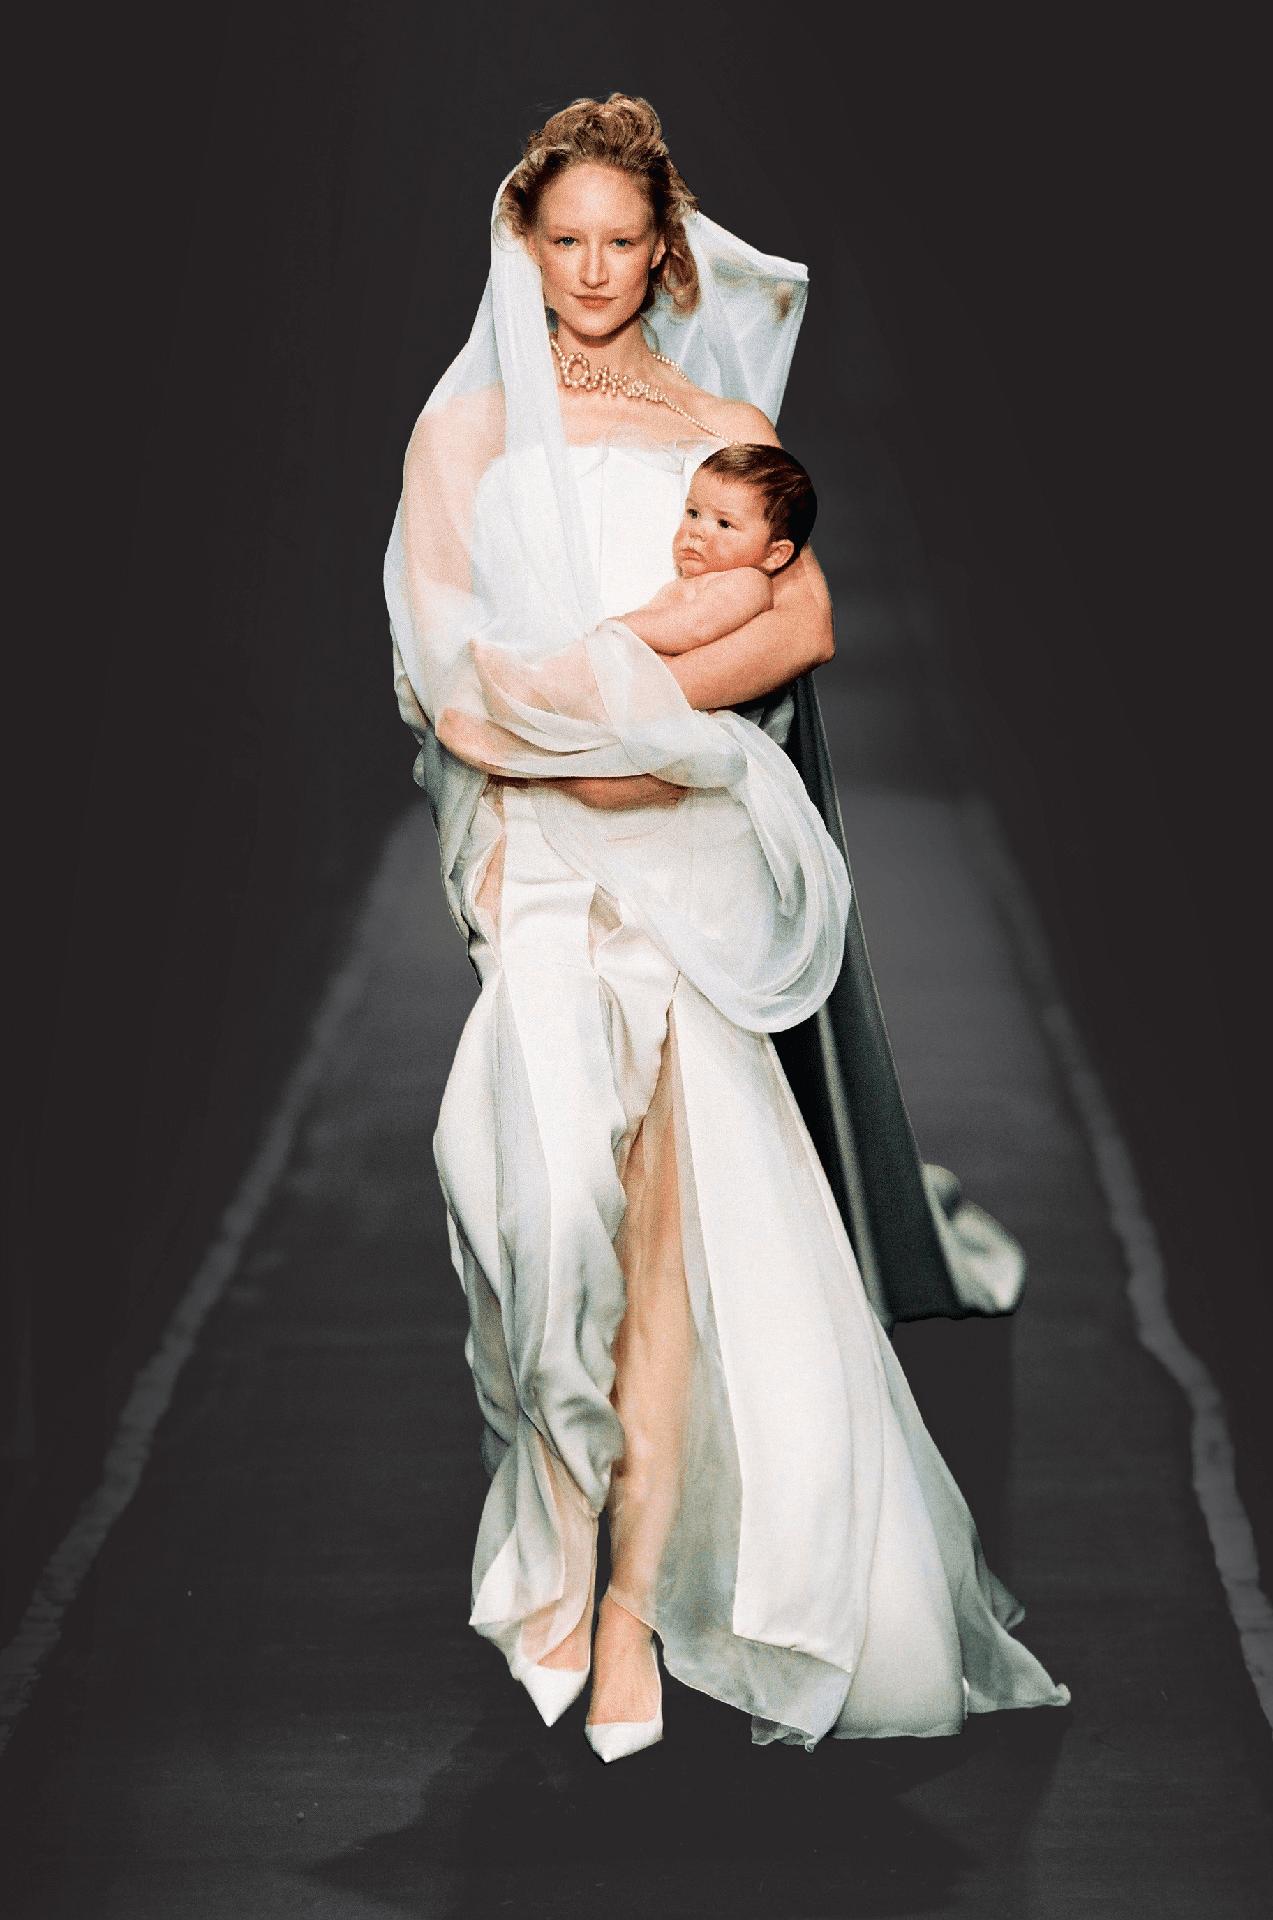 Love Is Love: Wedding Bliss for All à la Jean Paul Gaultier